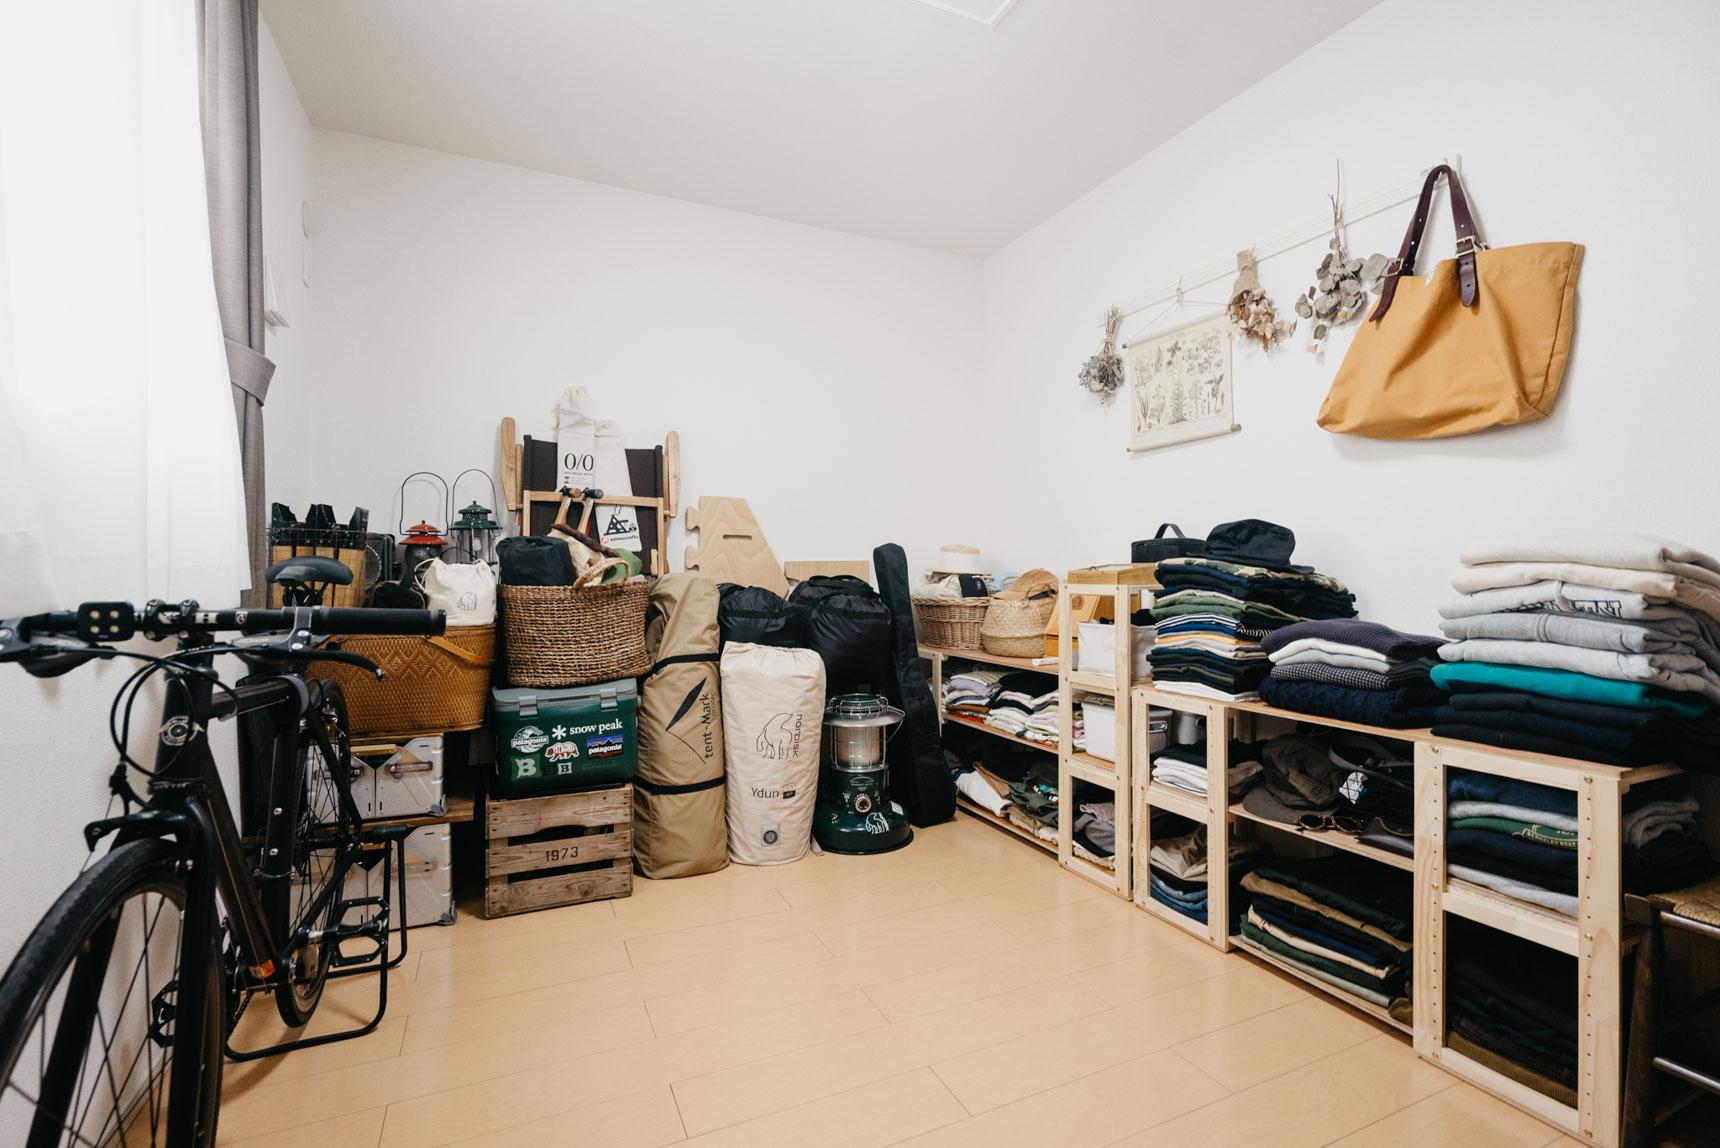 キャンプが好きなお二人。もうひとつの部屋には衣類とともにキャンプ道具がたくさん仕舞われていました。見てるだけでワクワクしてきますね!